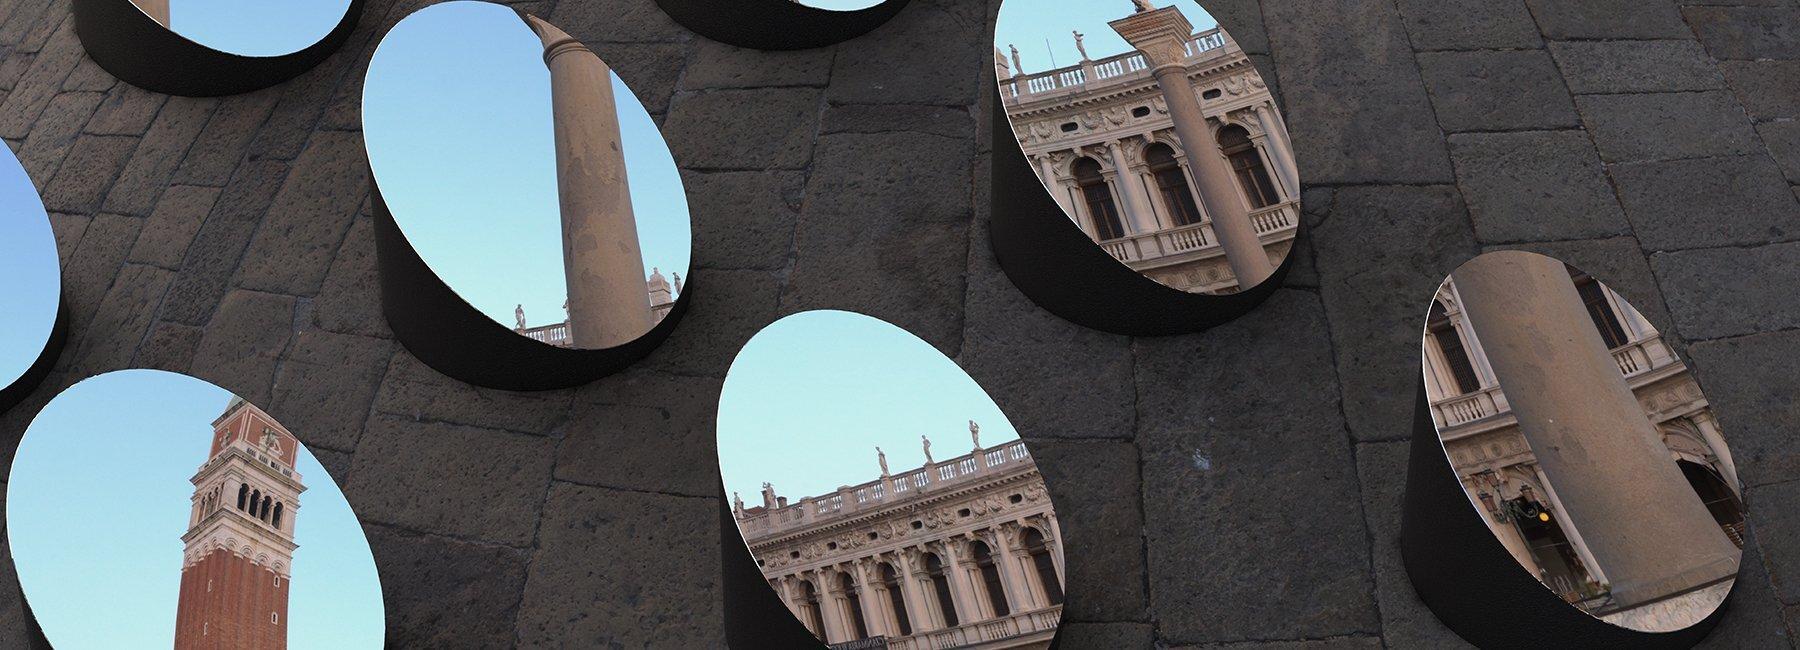 Французький дизайнер створив оптичну ілюзію в центрі Венеції